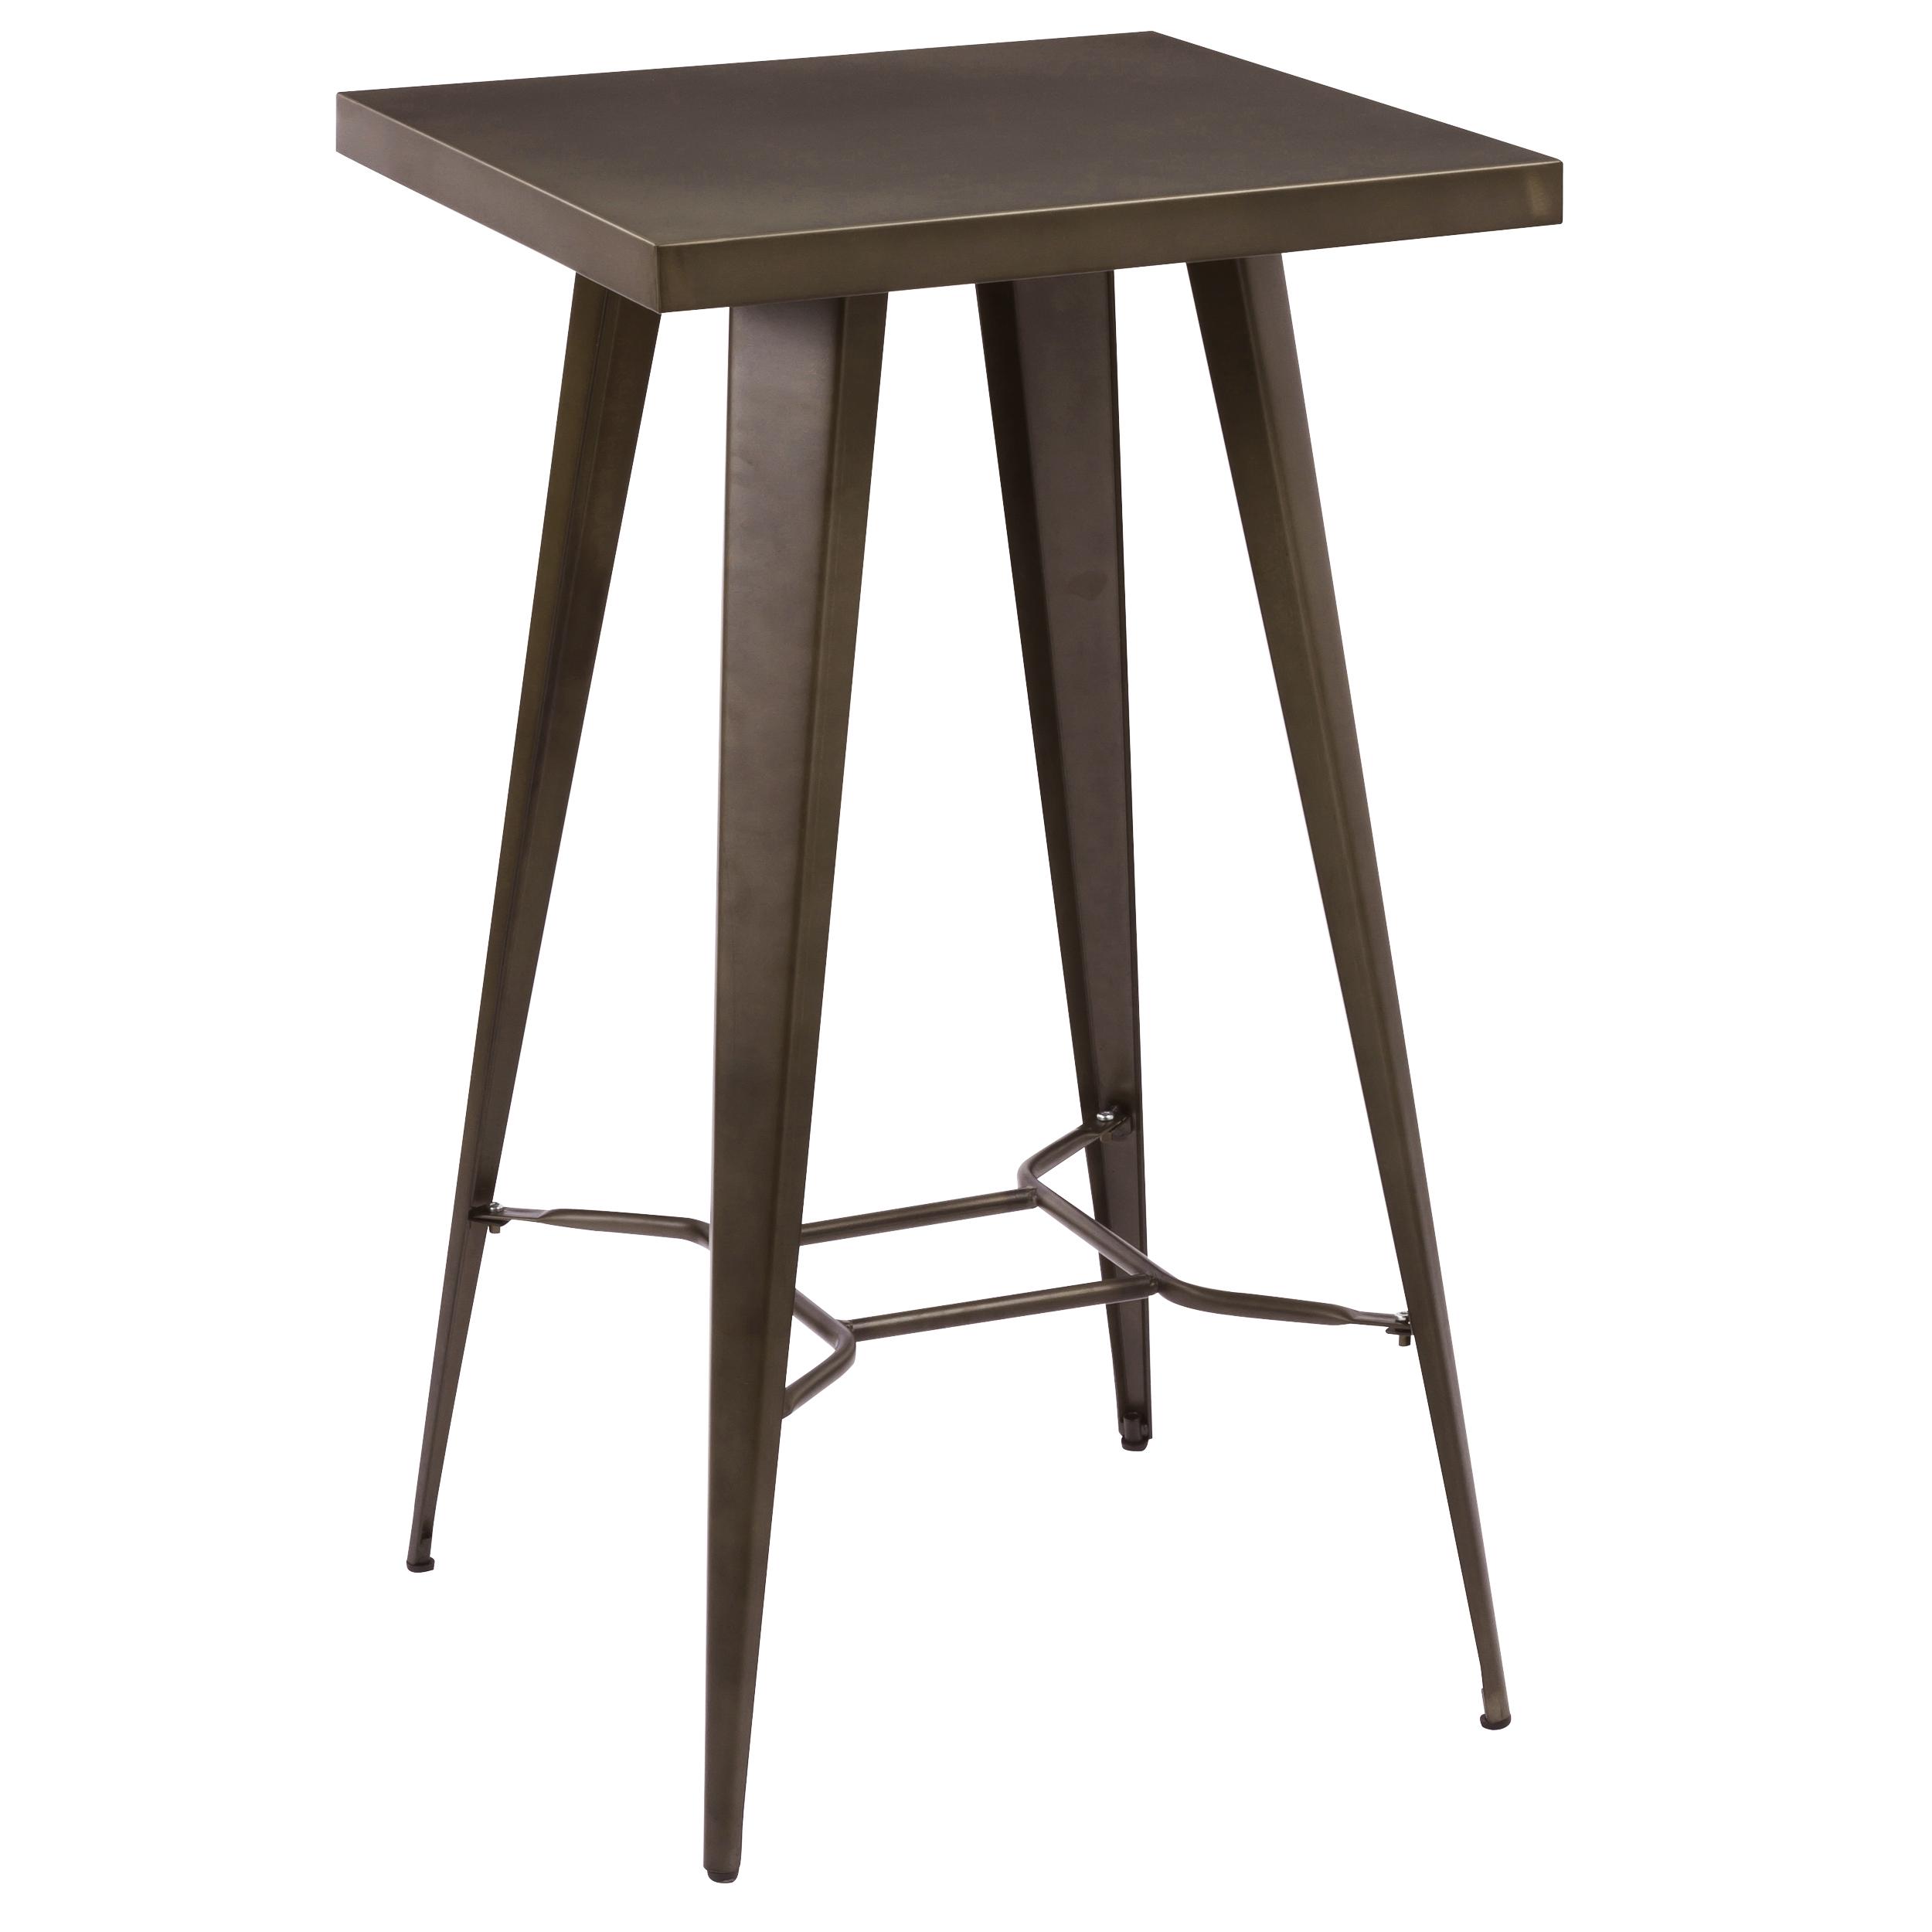 Table de bar carrée en métal gris métalisé, 2 personnes